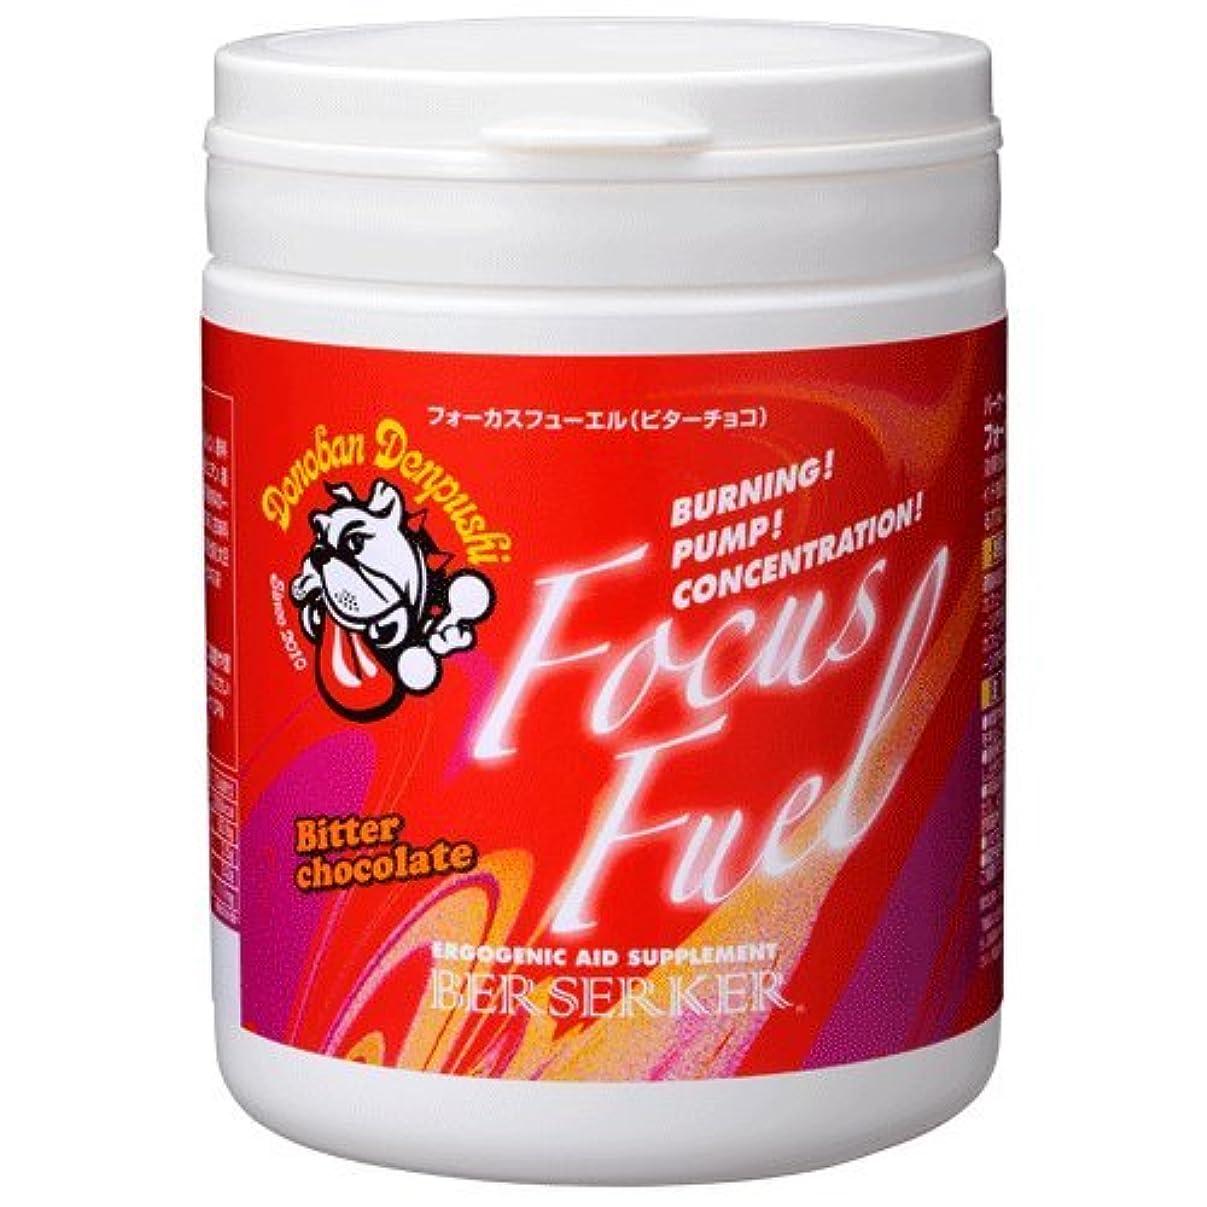 野心資格回転バーサーカーFocusFuel(282.3g)(ビターチョコ味)